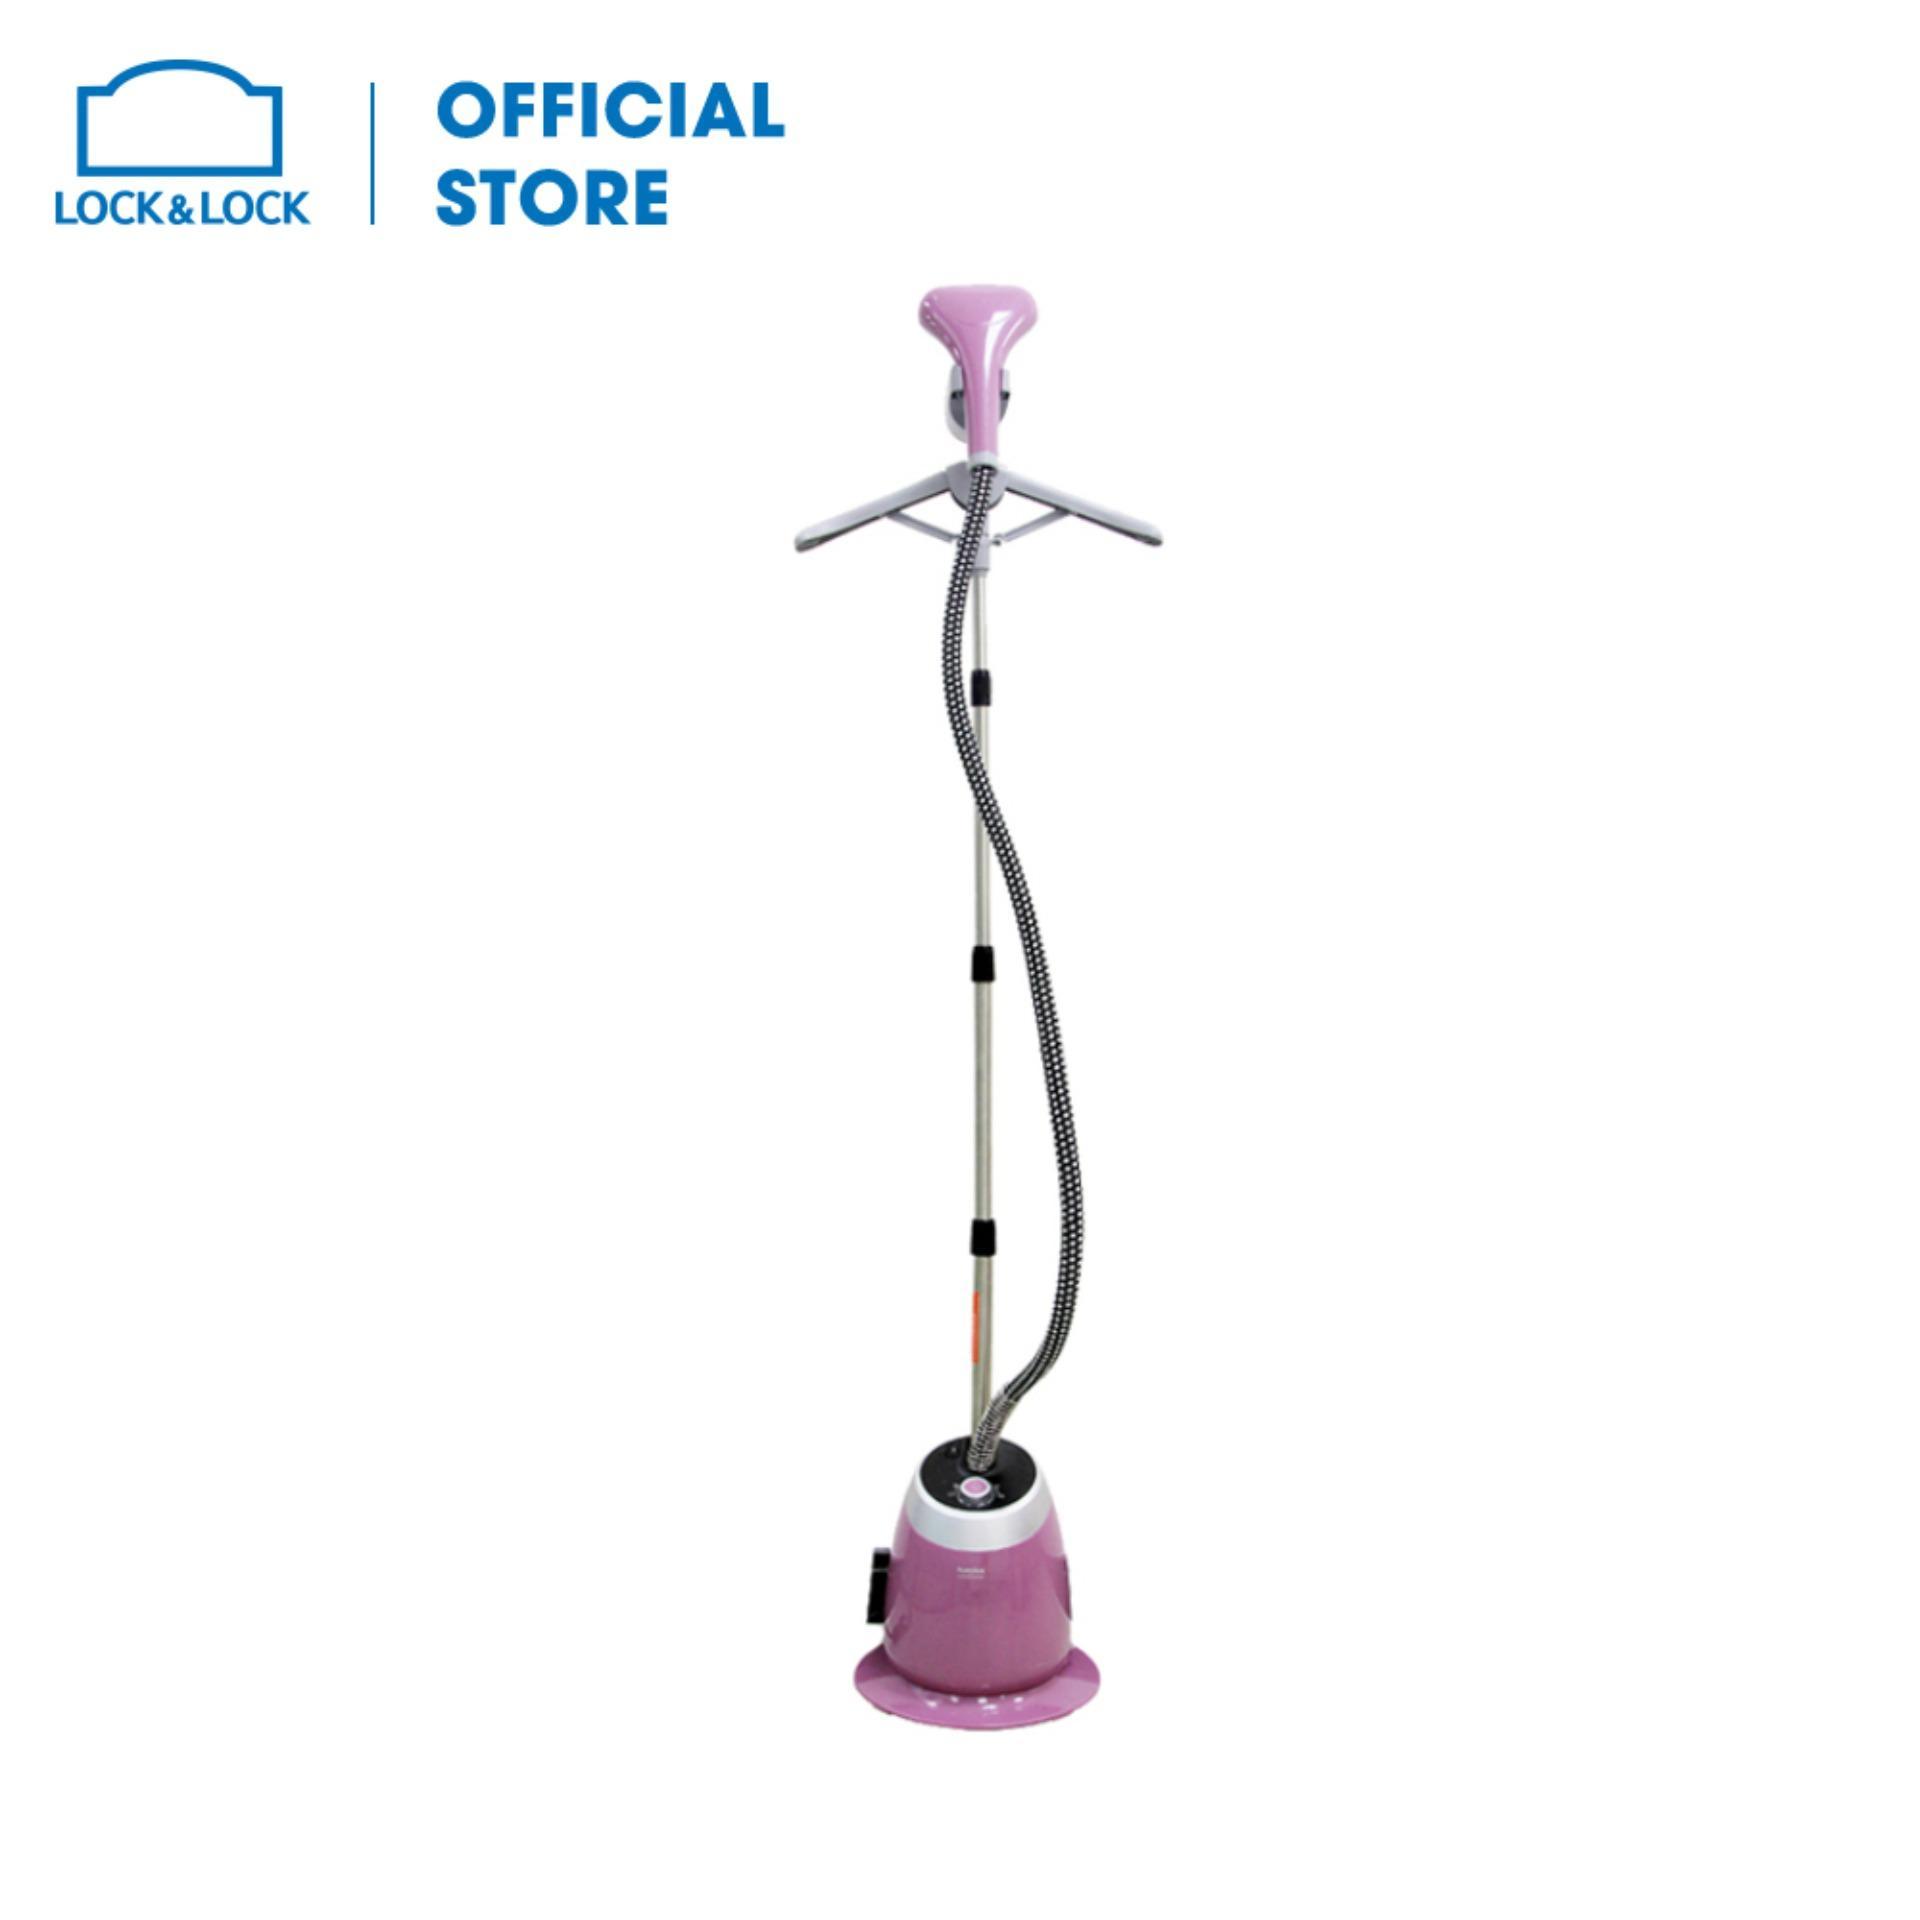 Bàn là hơi nước dạng đứng thương hiệu Lock&Lock 1580W - 1.4L ENI211 (phụ kiện:Găng tay/Bàn chải/Móc treo)